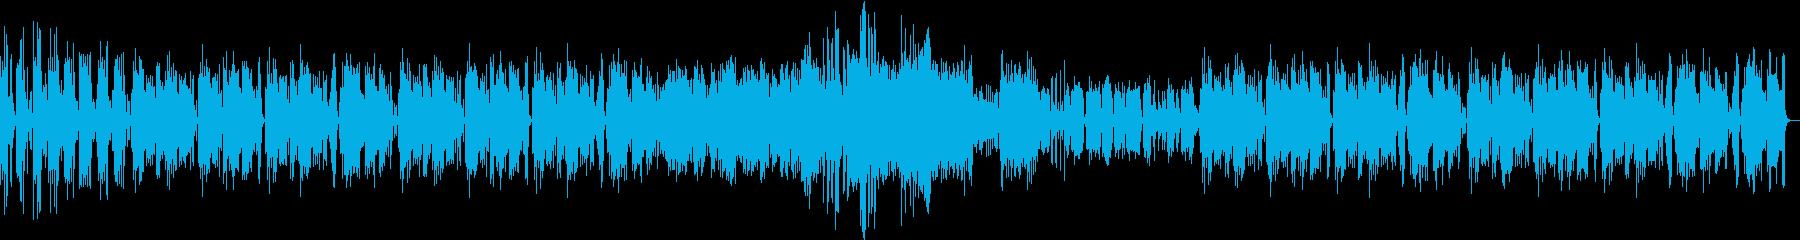 ガーシュインのサマータイムをサックスで!の再生済みの波形